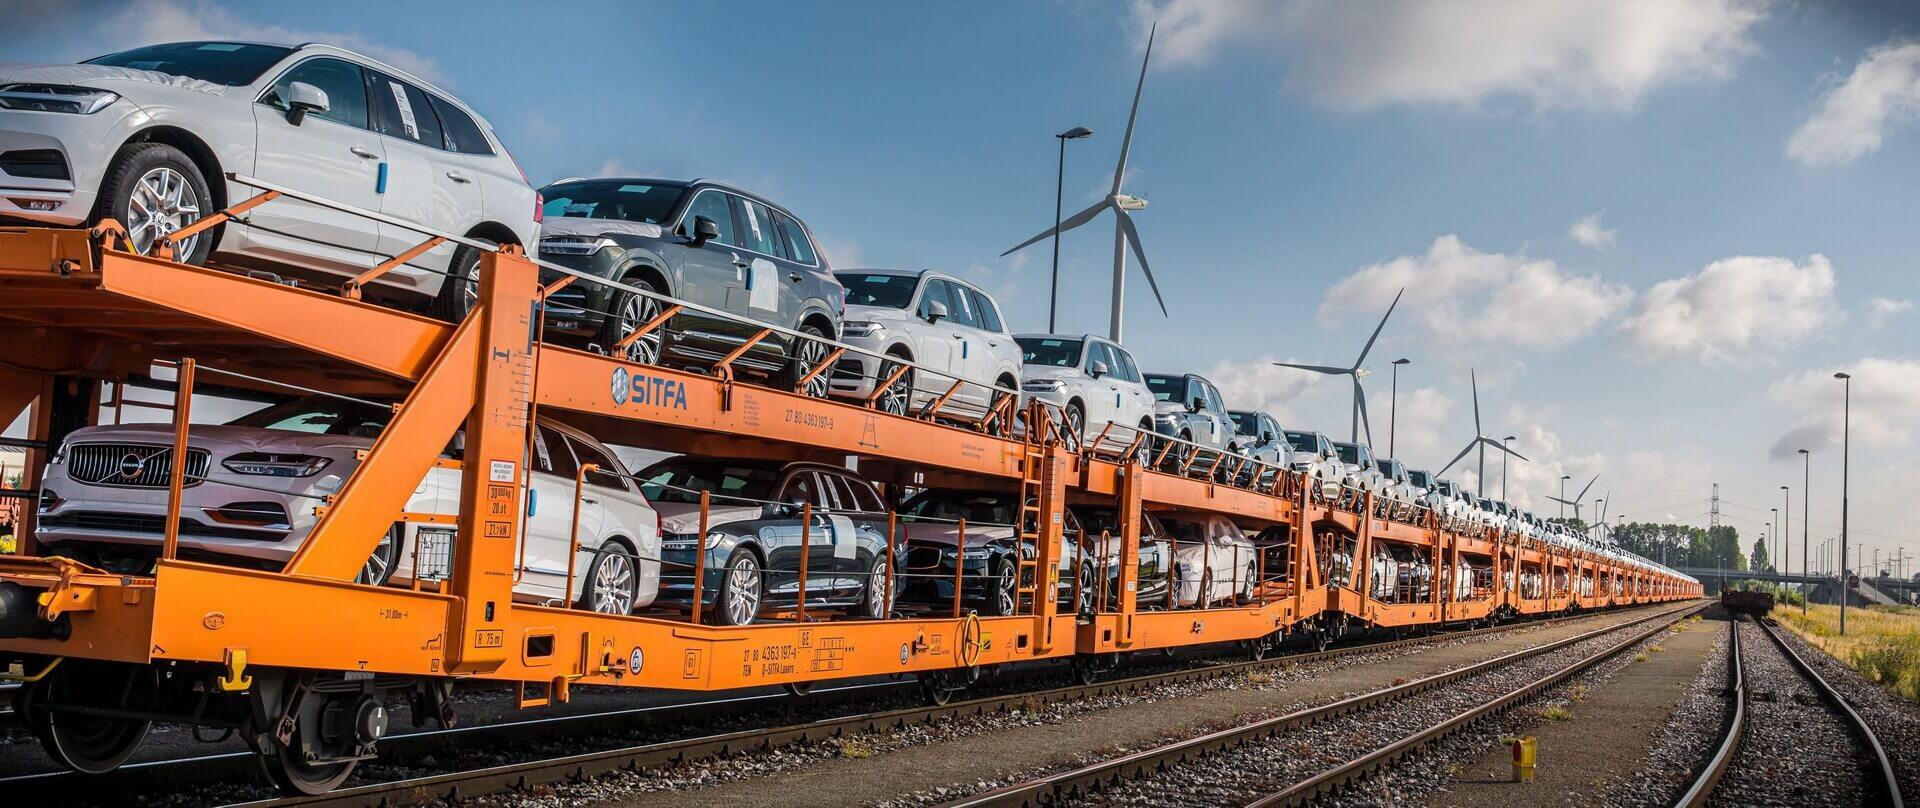 Компанія Volvo Cars скорочує вуглецеві викиди у своїх логістичних операціях